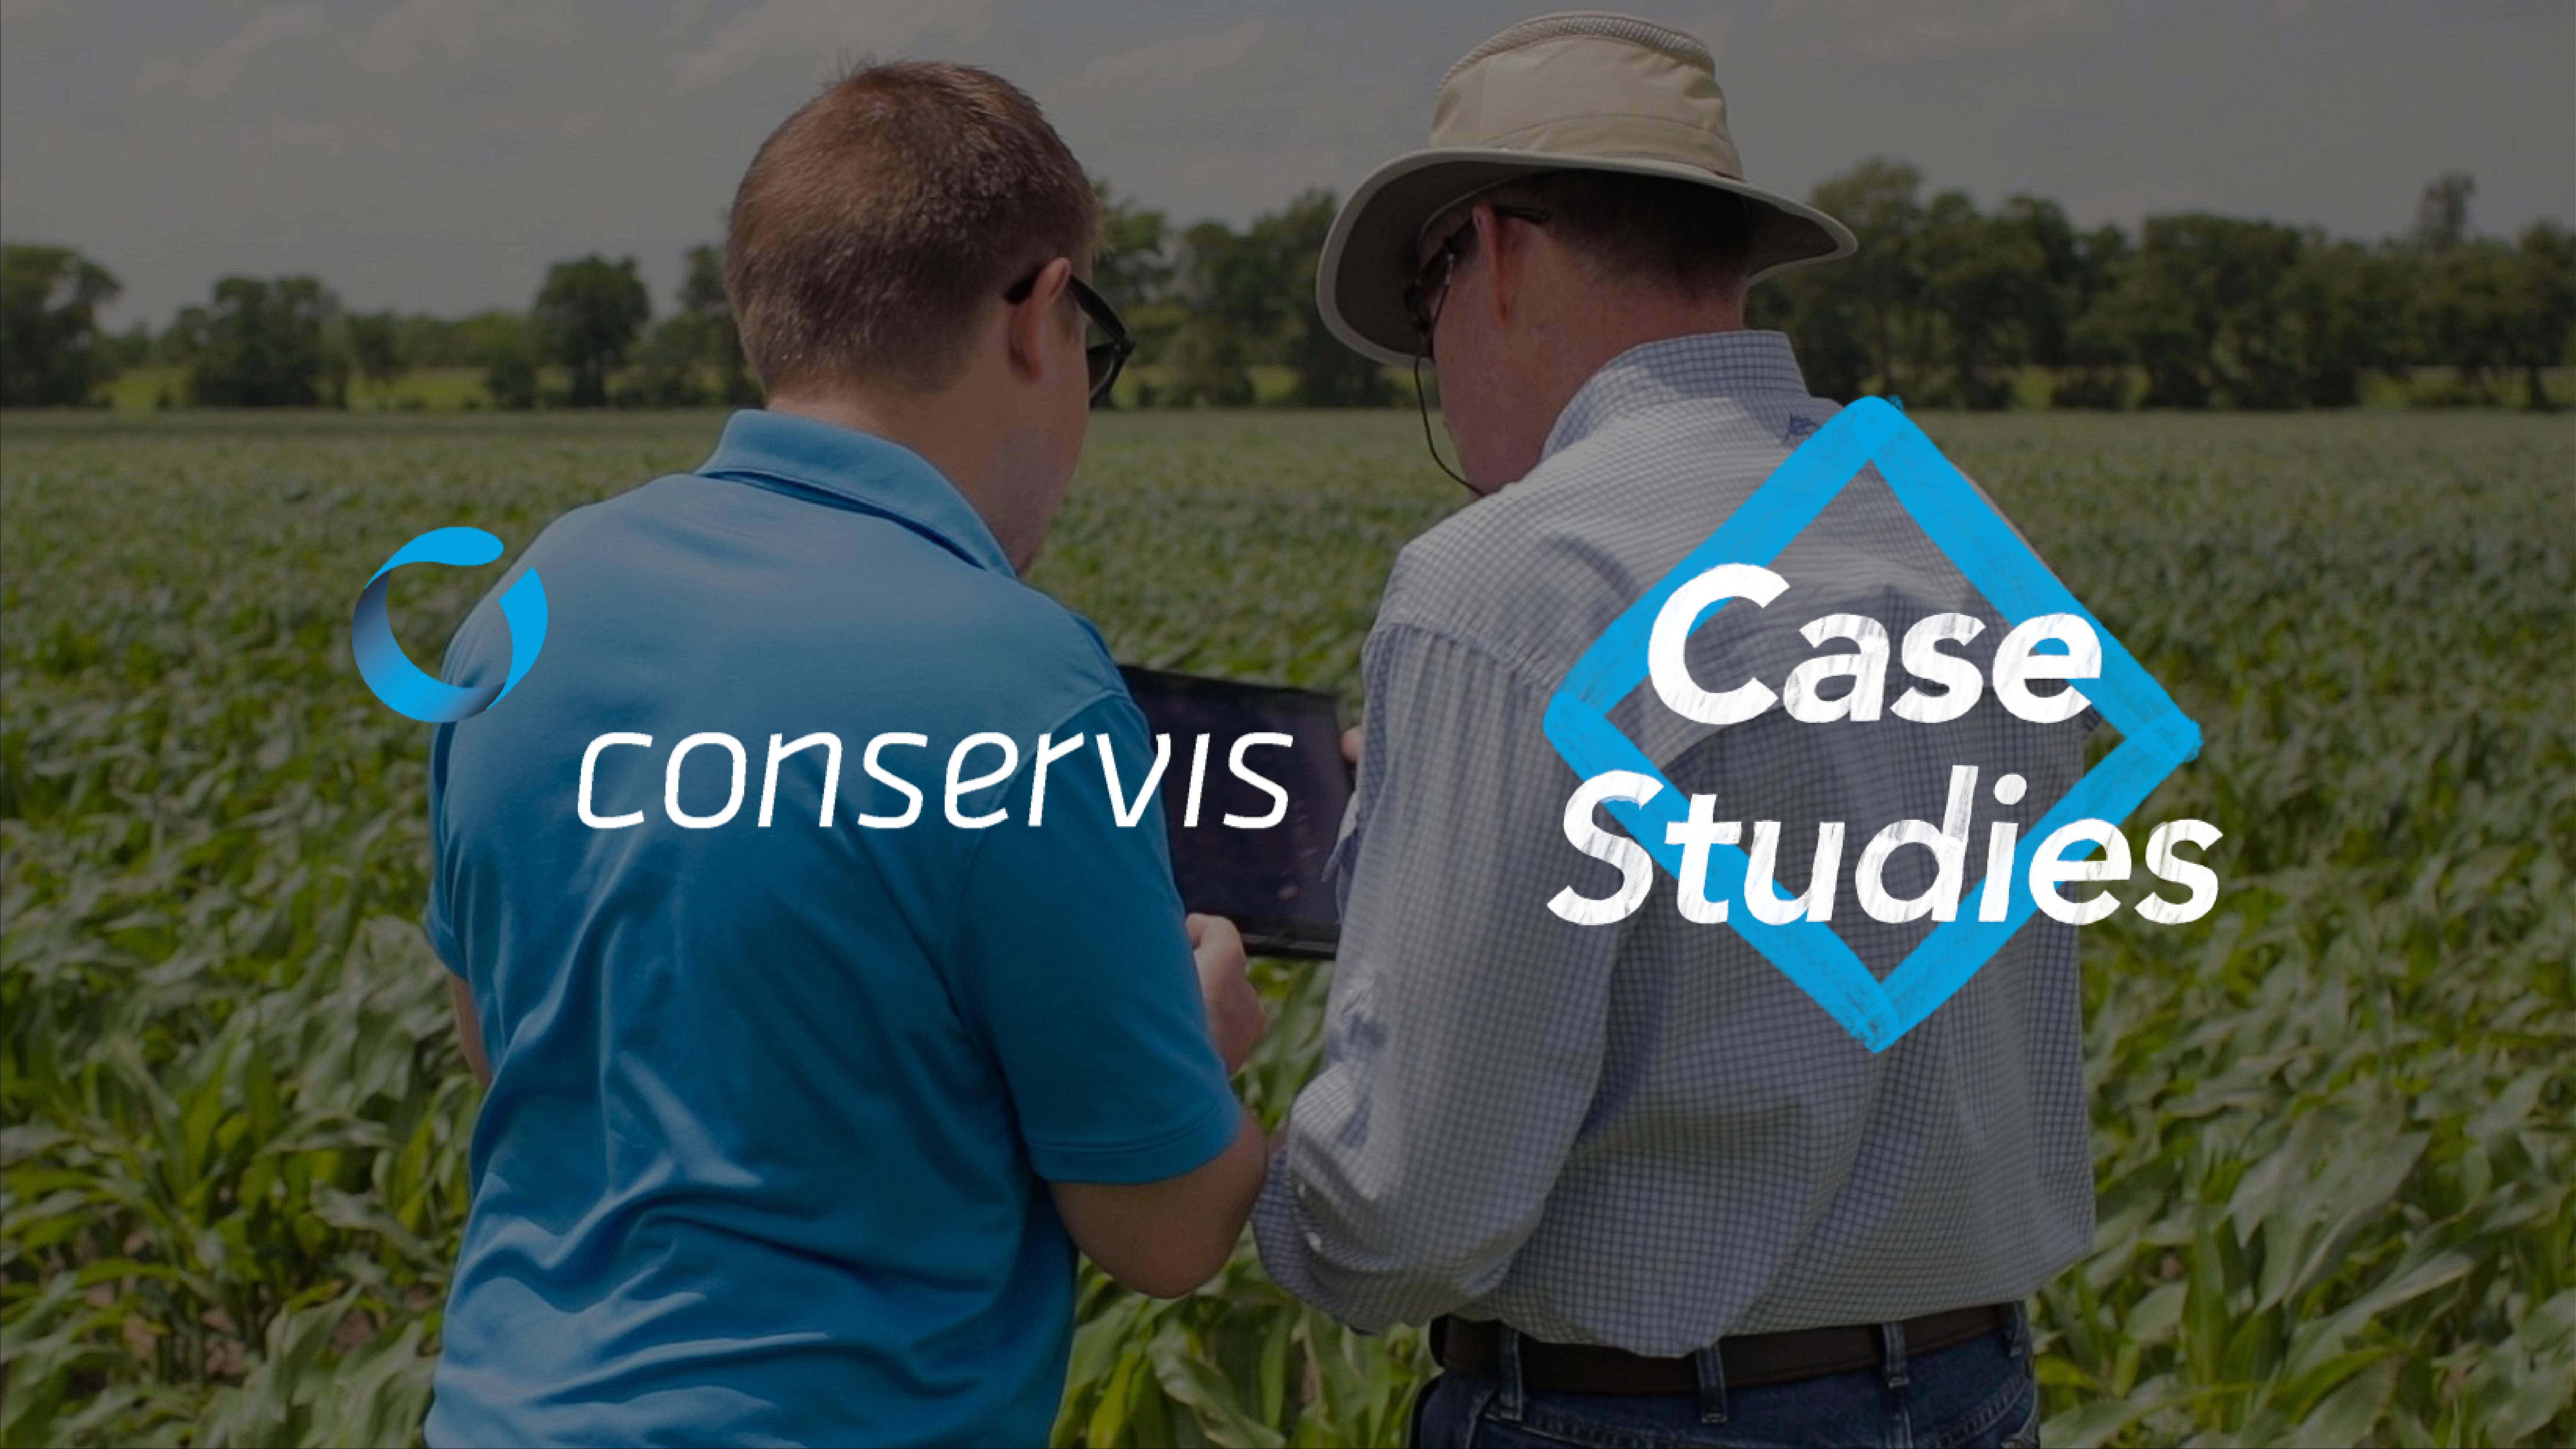 Conservis_Case_Studies